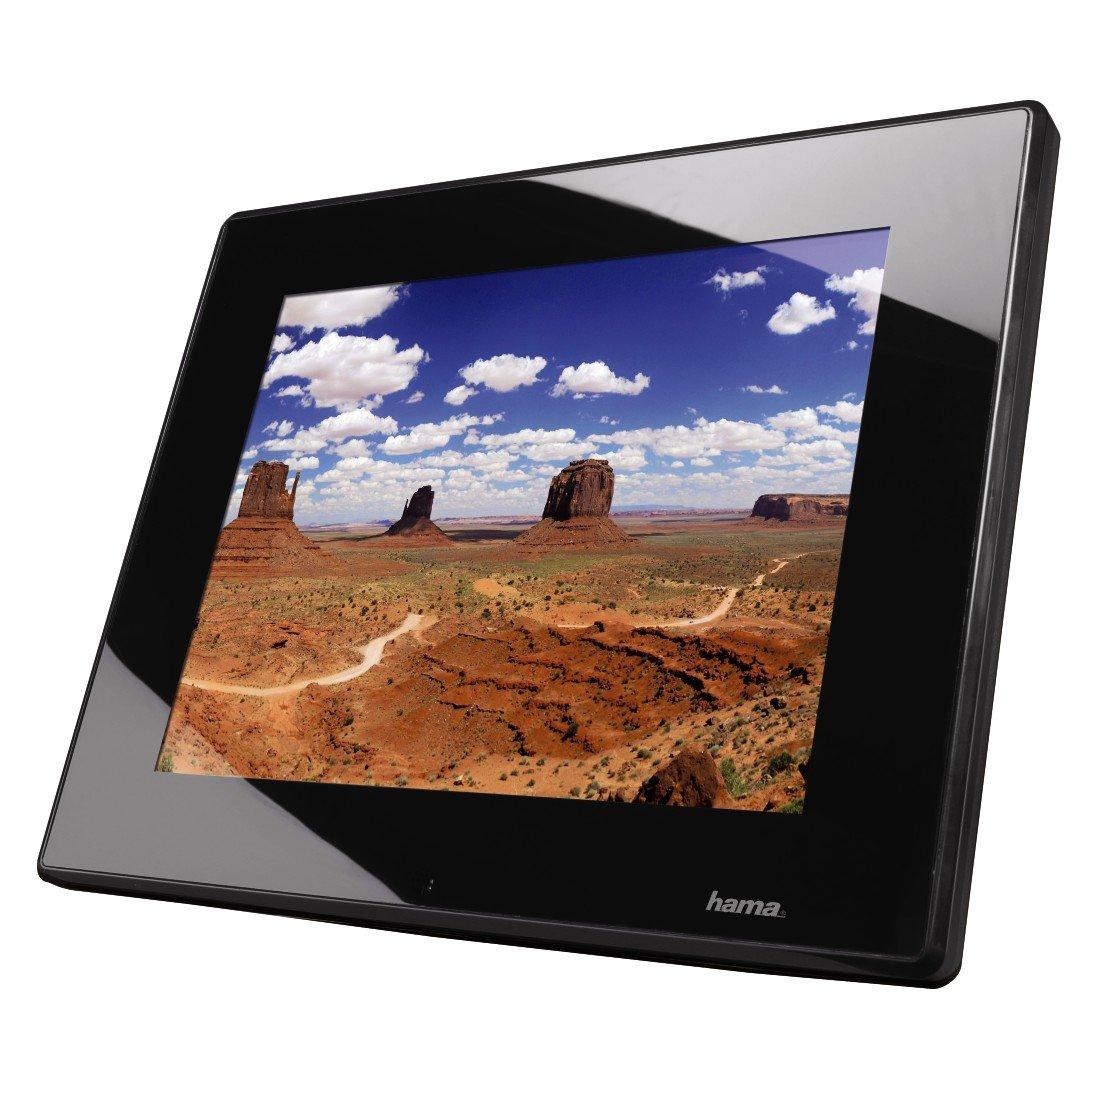 Hama Digitaler Slimline Premium Acryl Bilderrahmen 12,1: Amazon.de ...